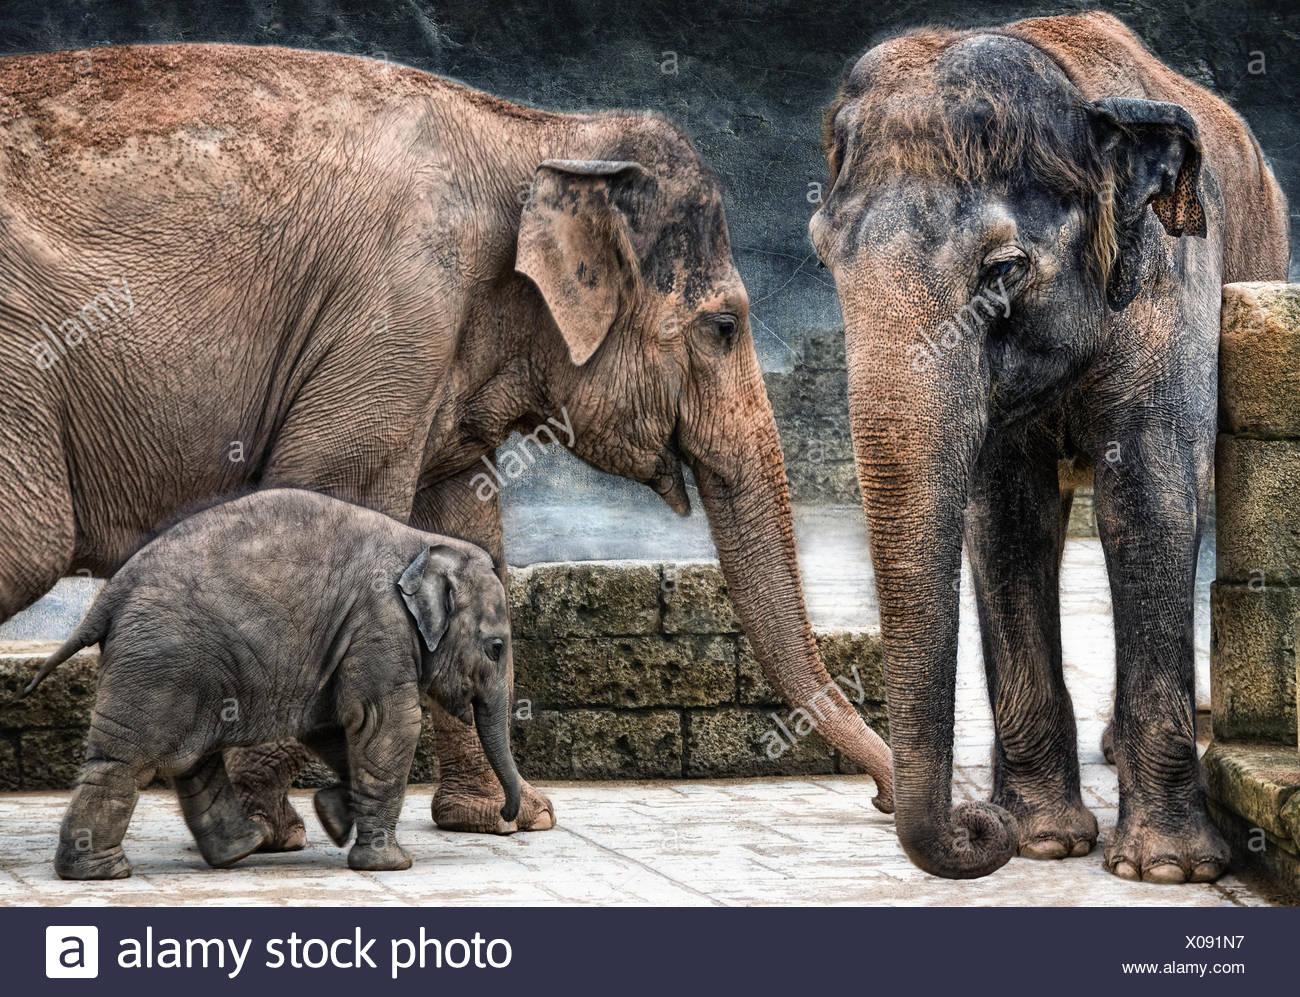 asian elephantidae - Stock Image